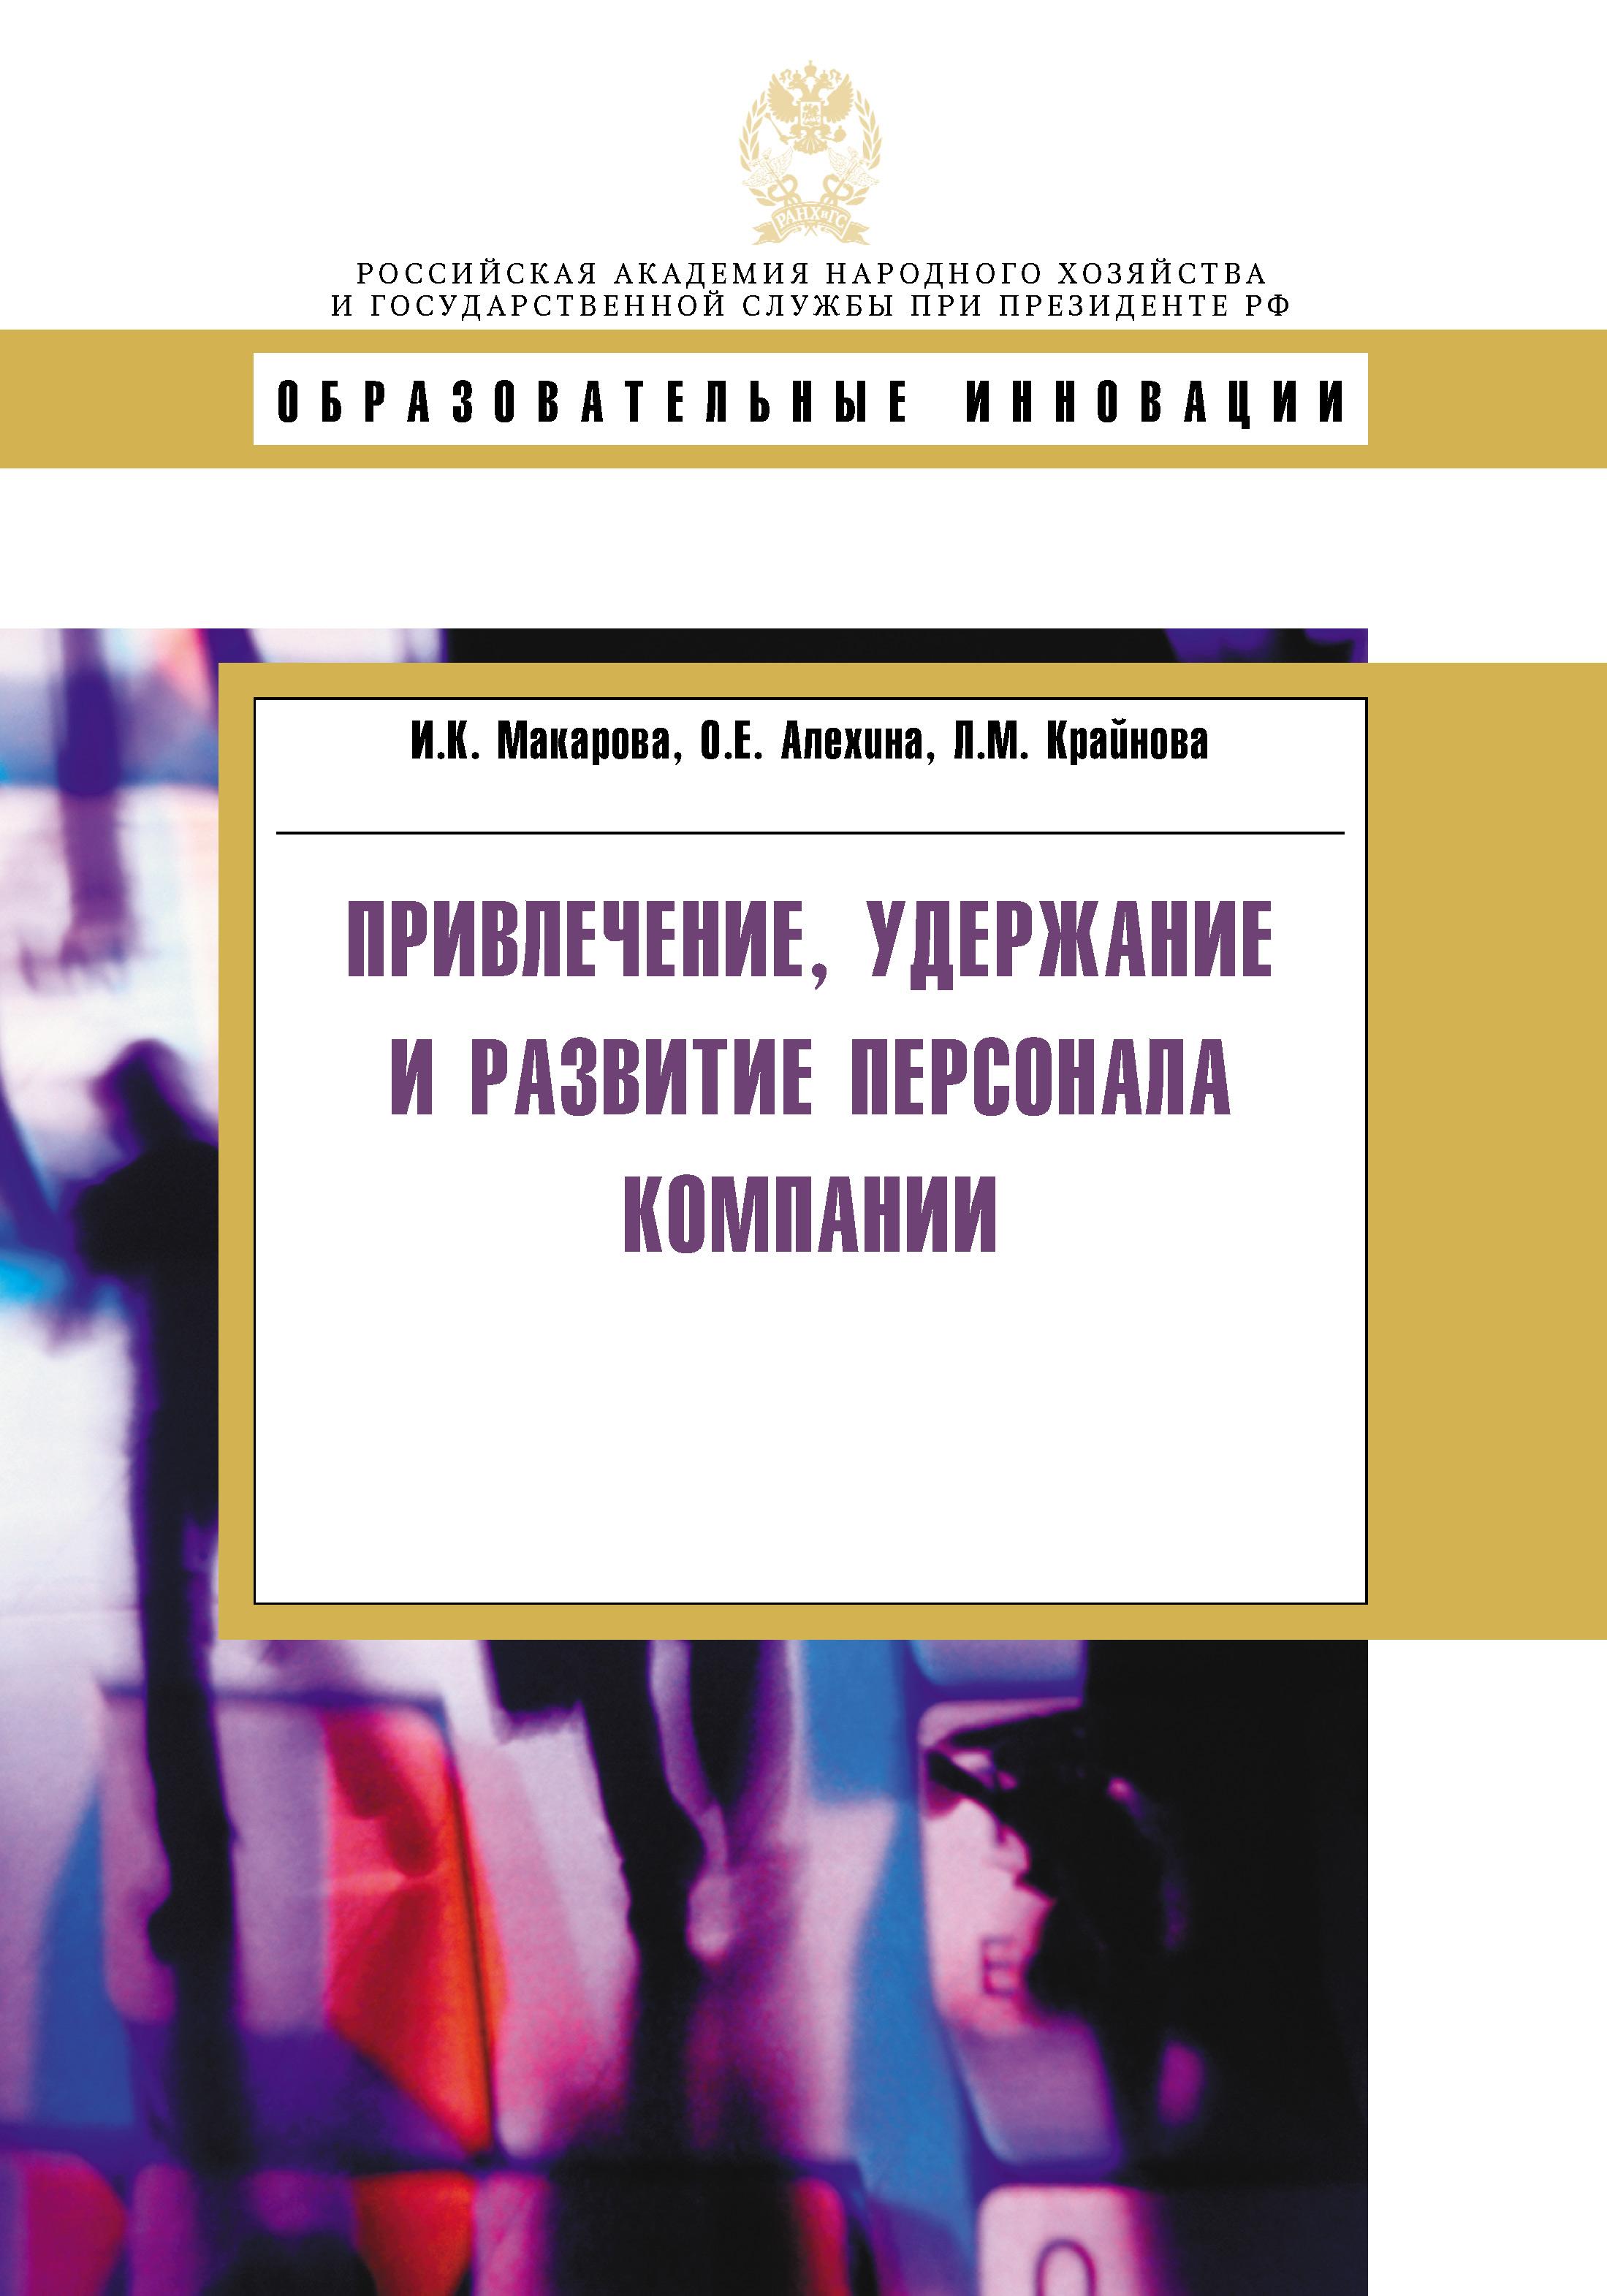 Л. М. Крайнова Привлечение, удержание и развитие персонала компании